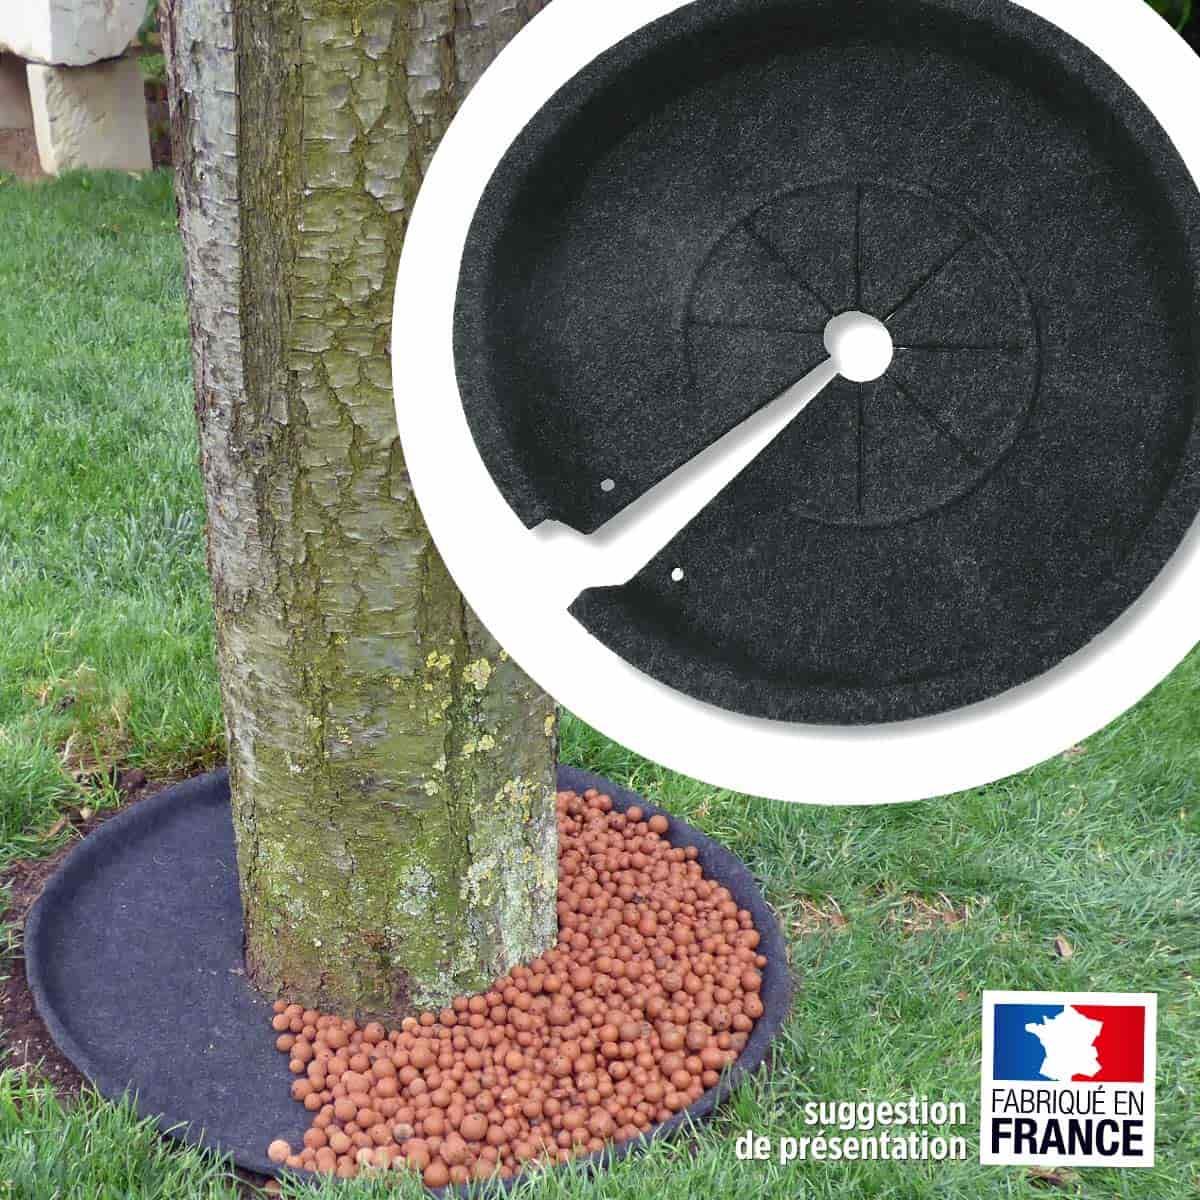 Disque pour habiller le pied des arbustes 100 recycl for Anti chat jardin